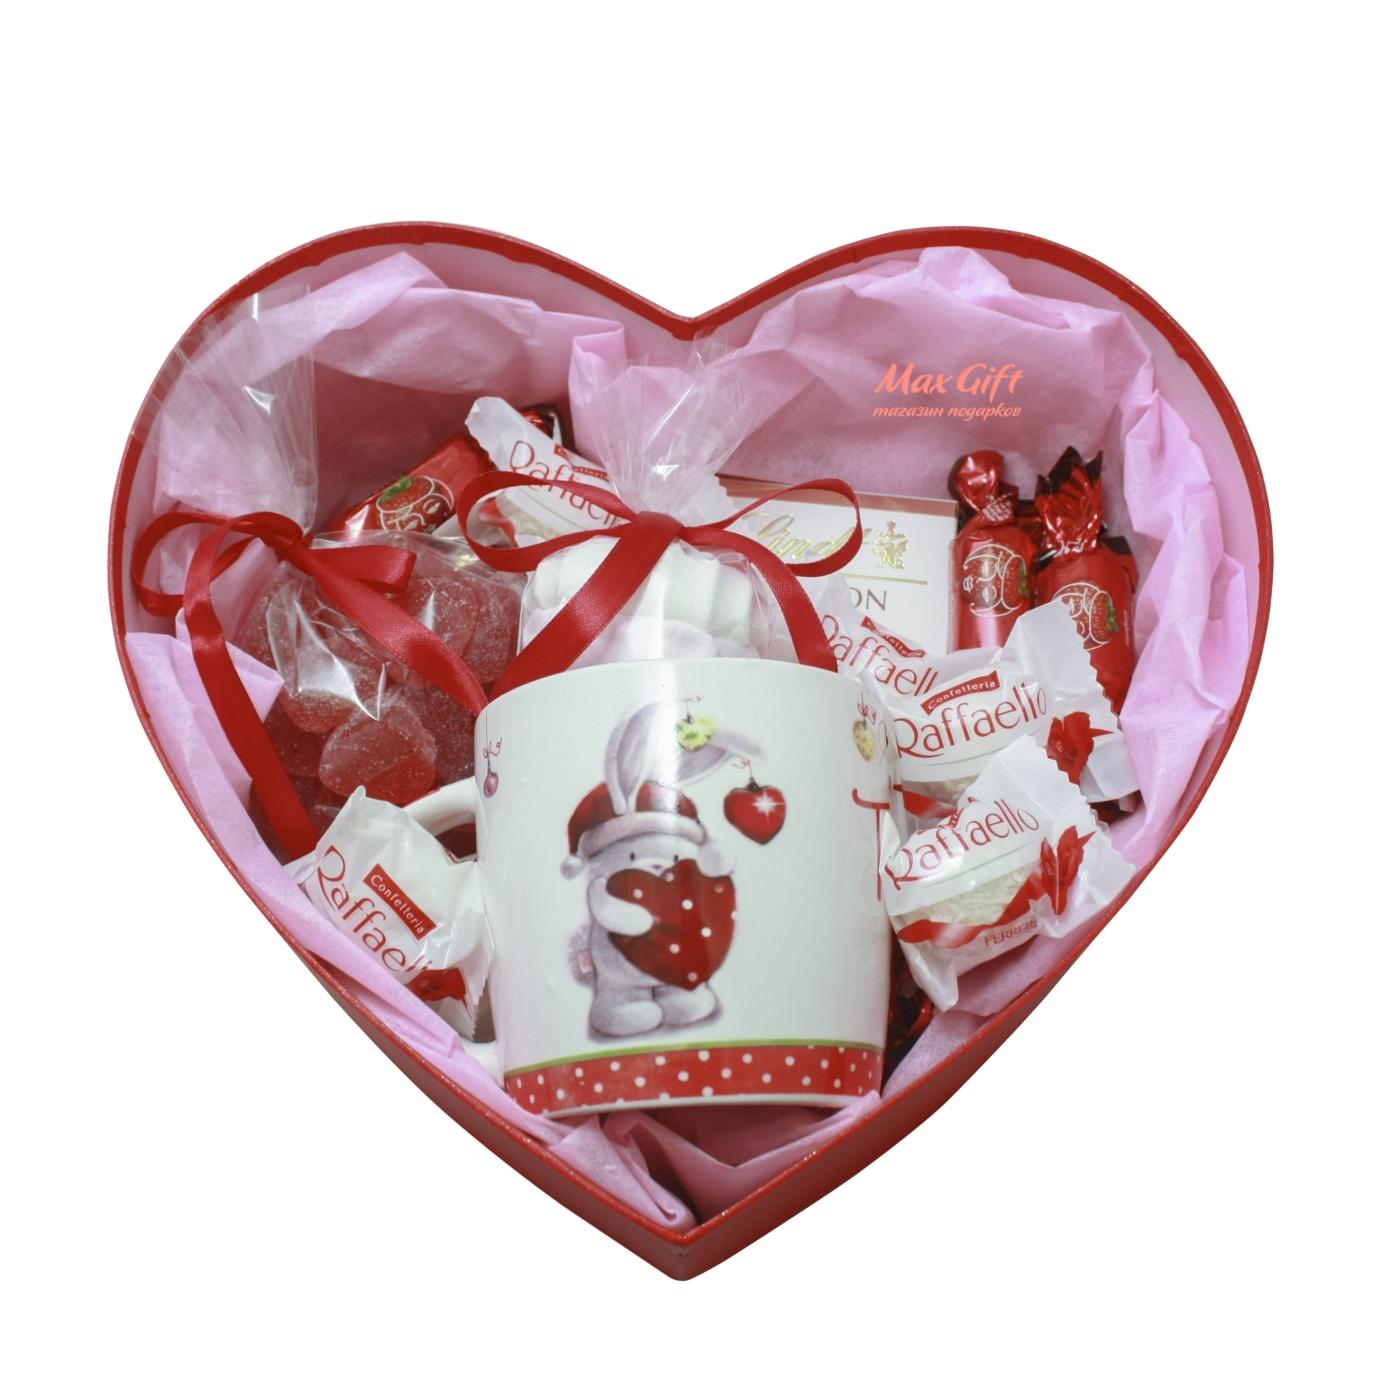 Какой подарок мужу на 14 февраля